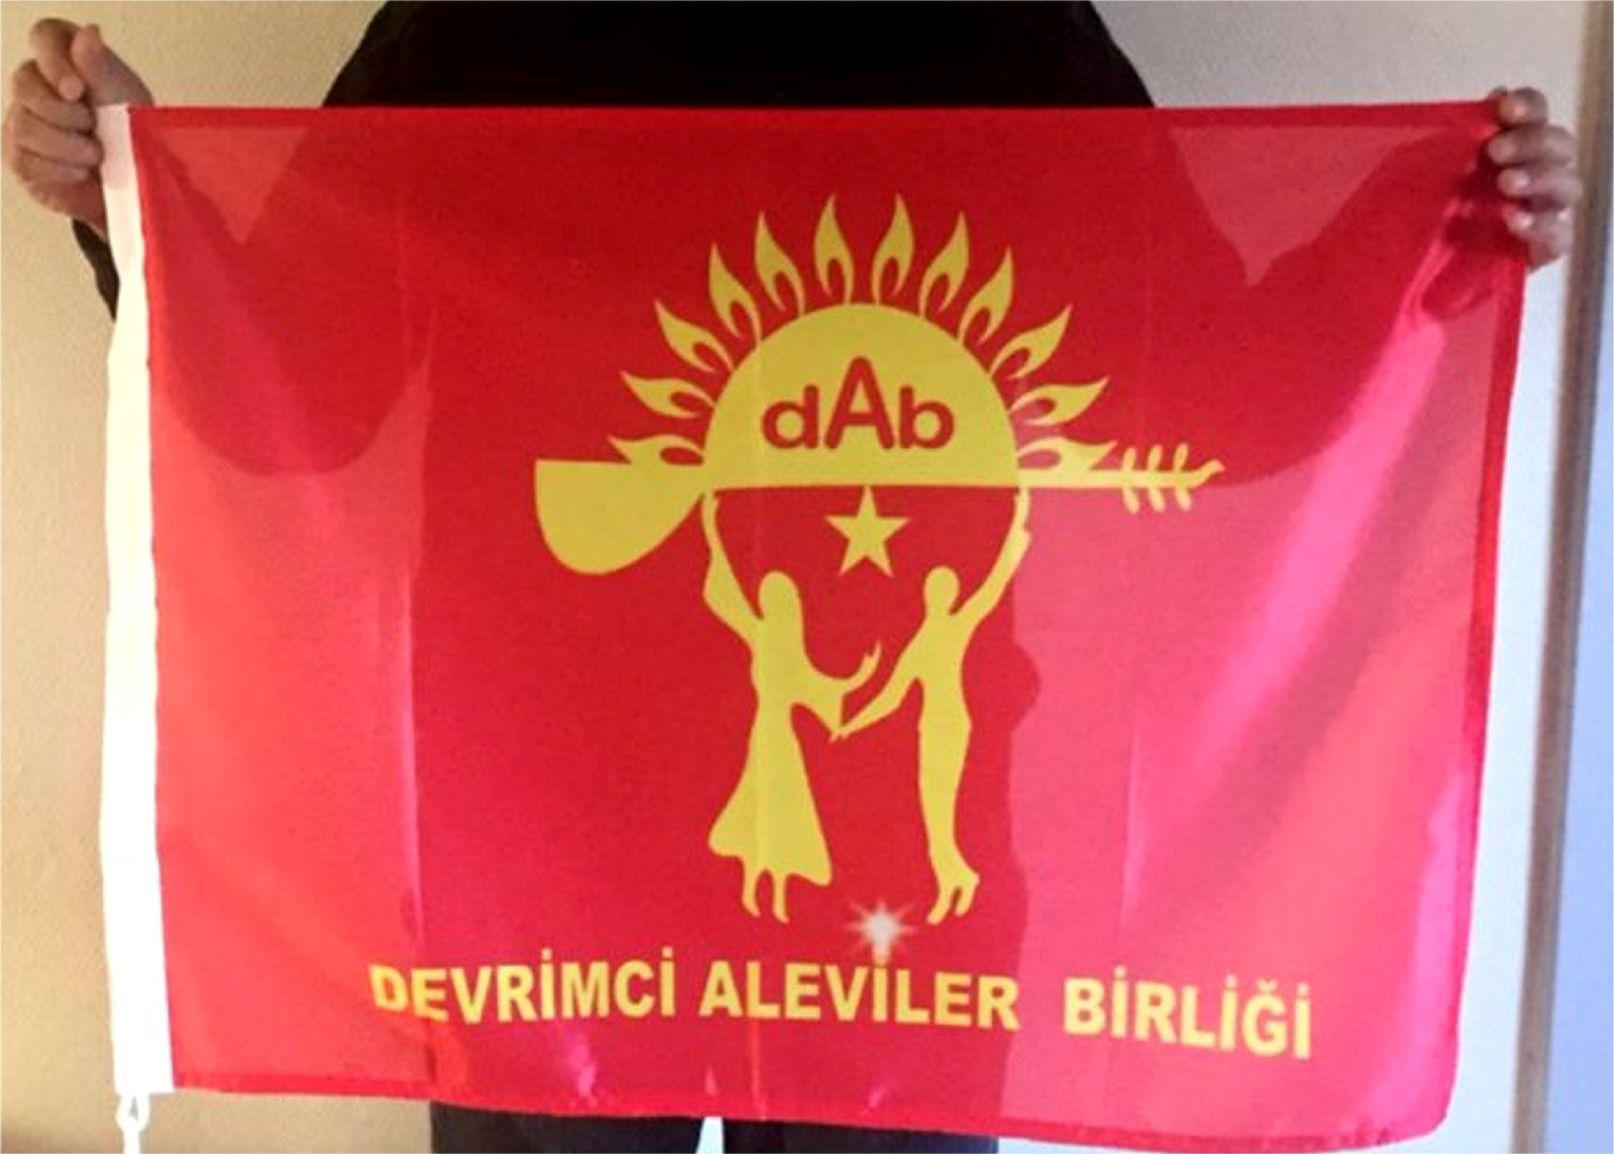 Devrimci Aleviler Birliği DAB Alevi Kızılbaş Bektaşi pir sultan cem hz Ali 12 imam semah Feramuz Şah Acar DAB bayrak 2017 son